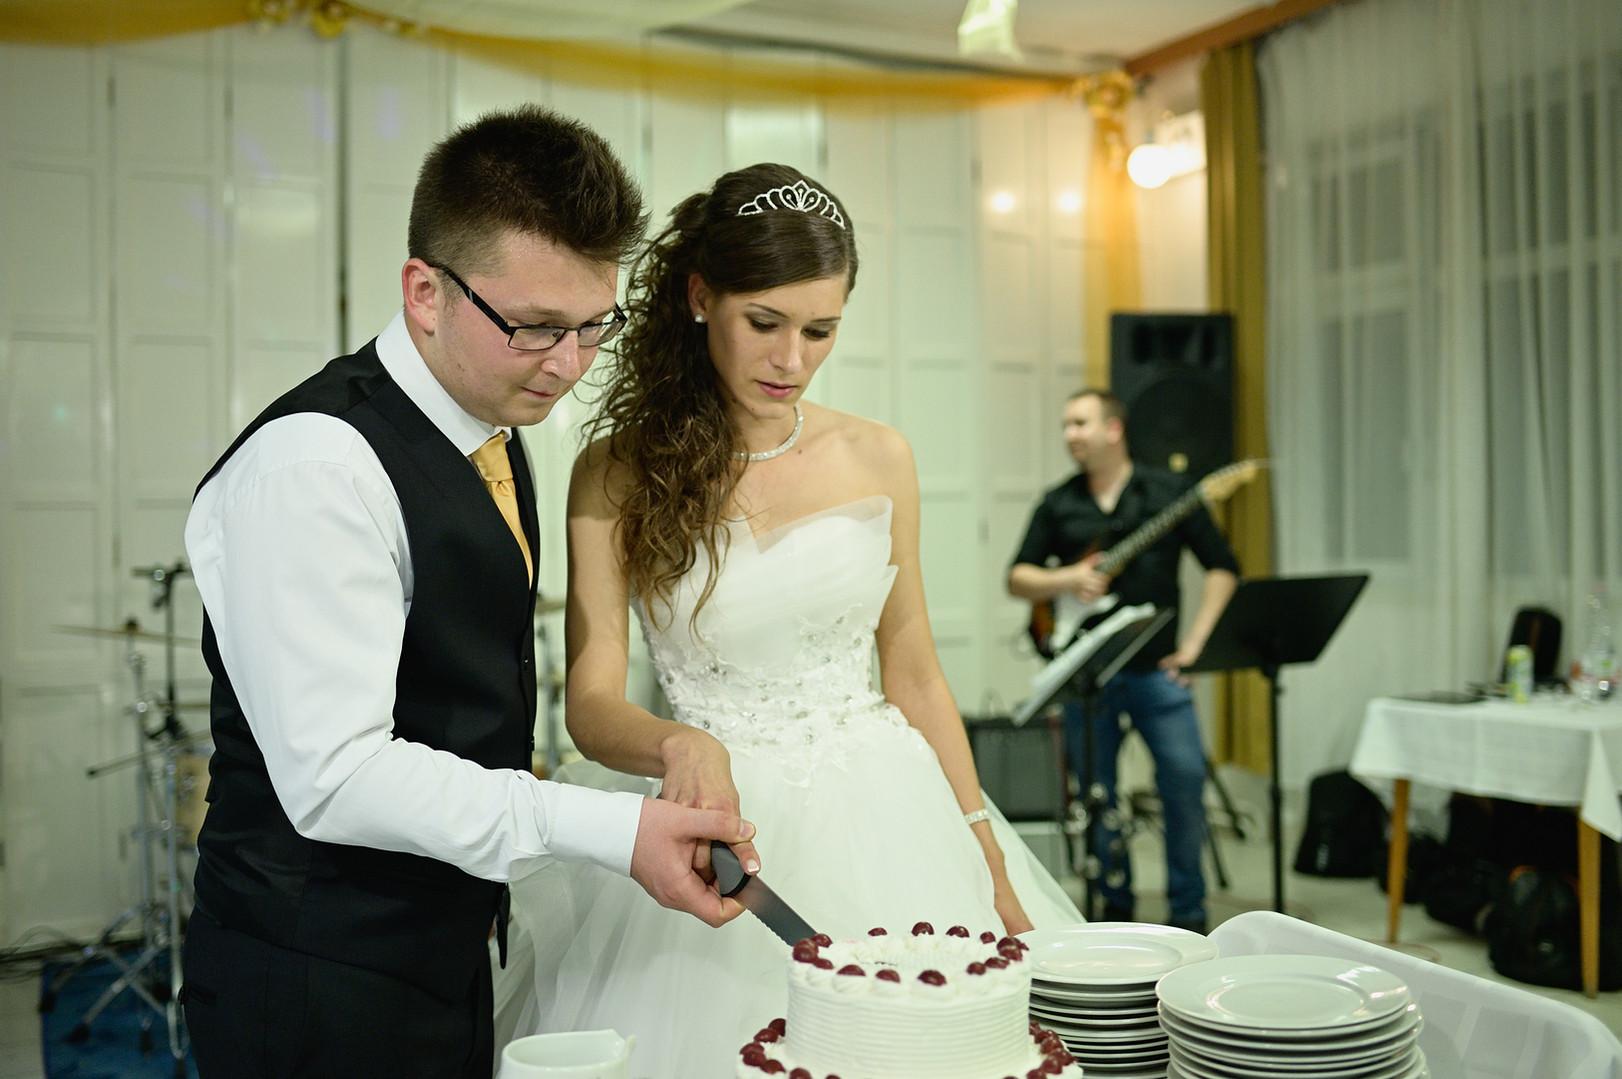 526 - Esküvő fotózás - Dia és Endi  - Bu